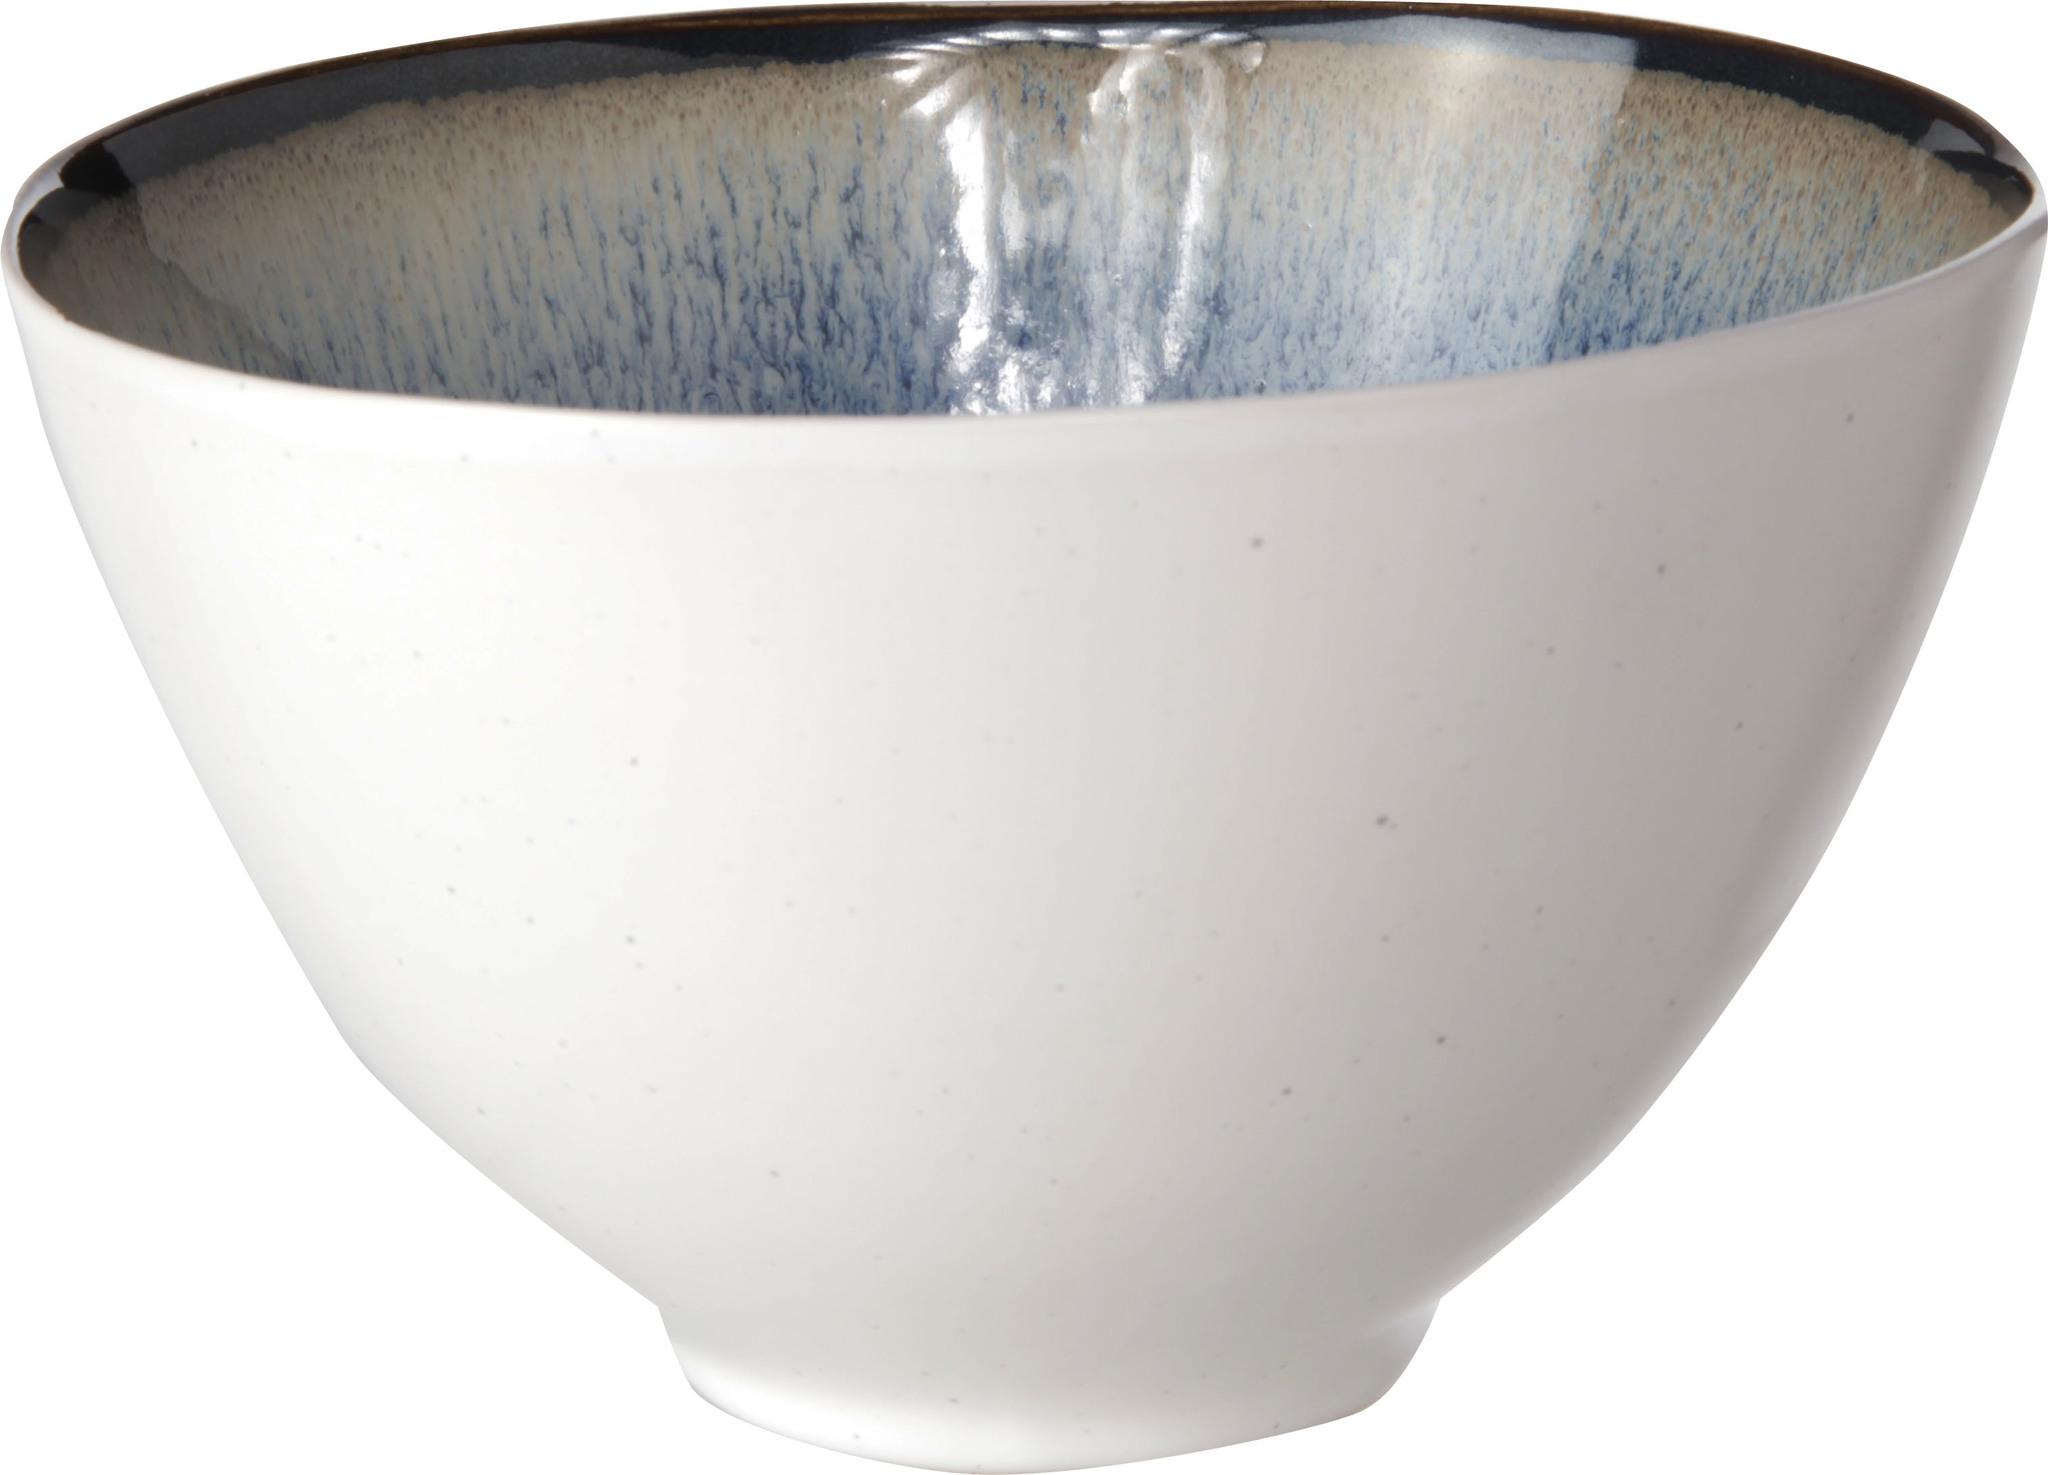 Миска 14,5х9 см COSY&amp;TRENDY Fez blue 7876177Новинки<br>Миска 14,5х9 см COSY&amp;TRENDY Fez blue 7876177<br><br>Эта коллекция из каменной керамики поражает удивительным цветом, текстурой и формой. Насыщенный темно-синий оттенок с волнистым рельефом погружают в песчаную лагуну. Органические края для дополнительного дизайна. Коллекция FEZ Blue воссоздает исключительный внешний вид приготовленных блюд.<br>